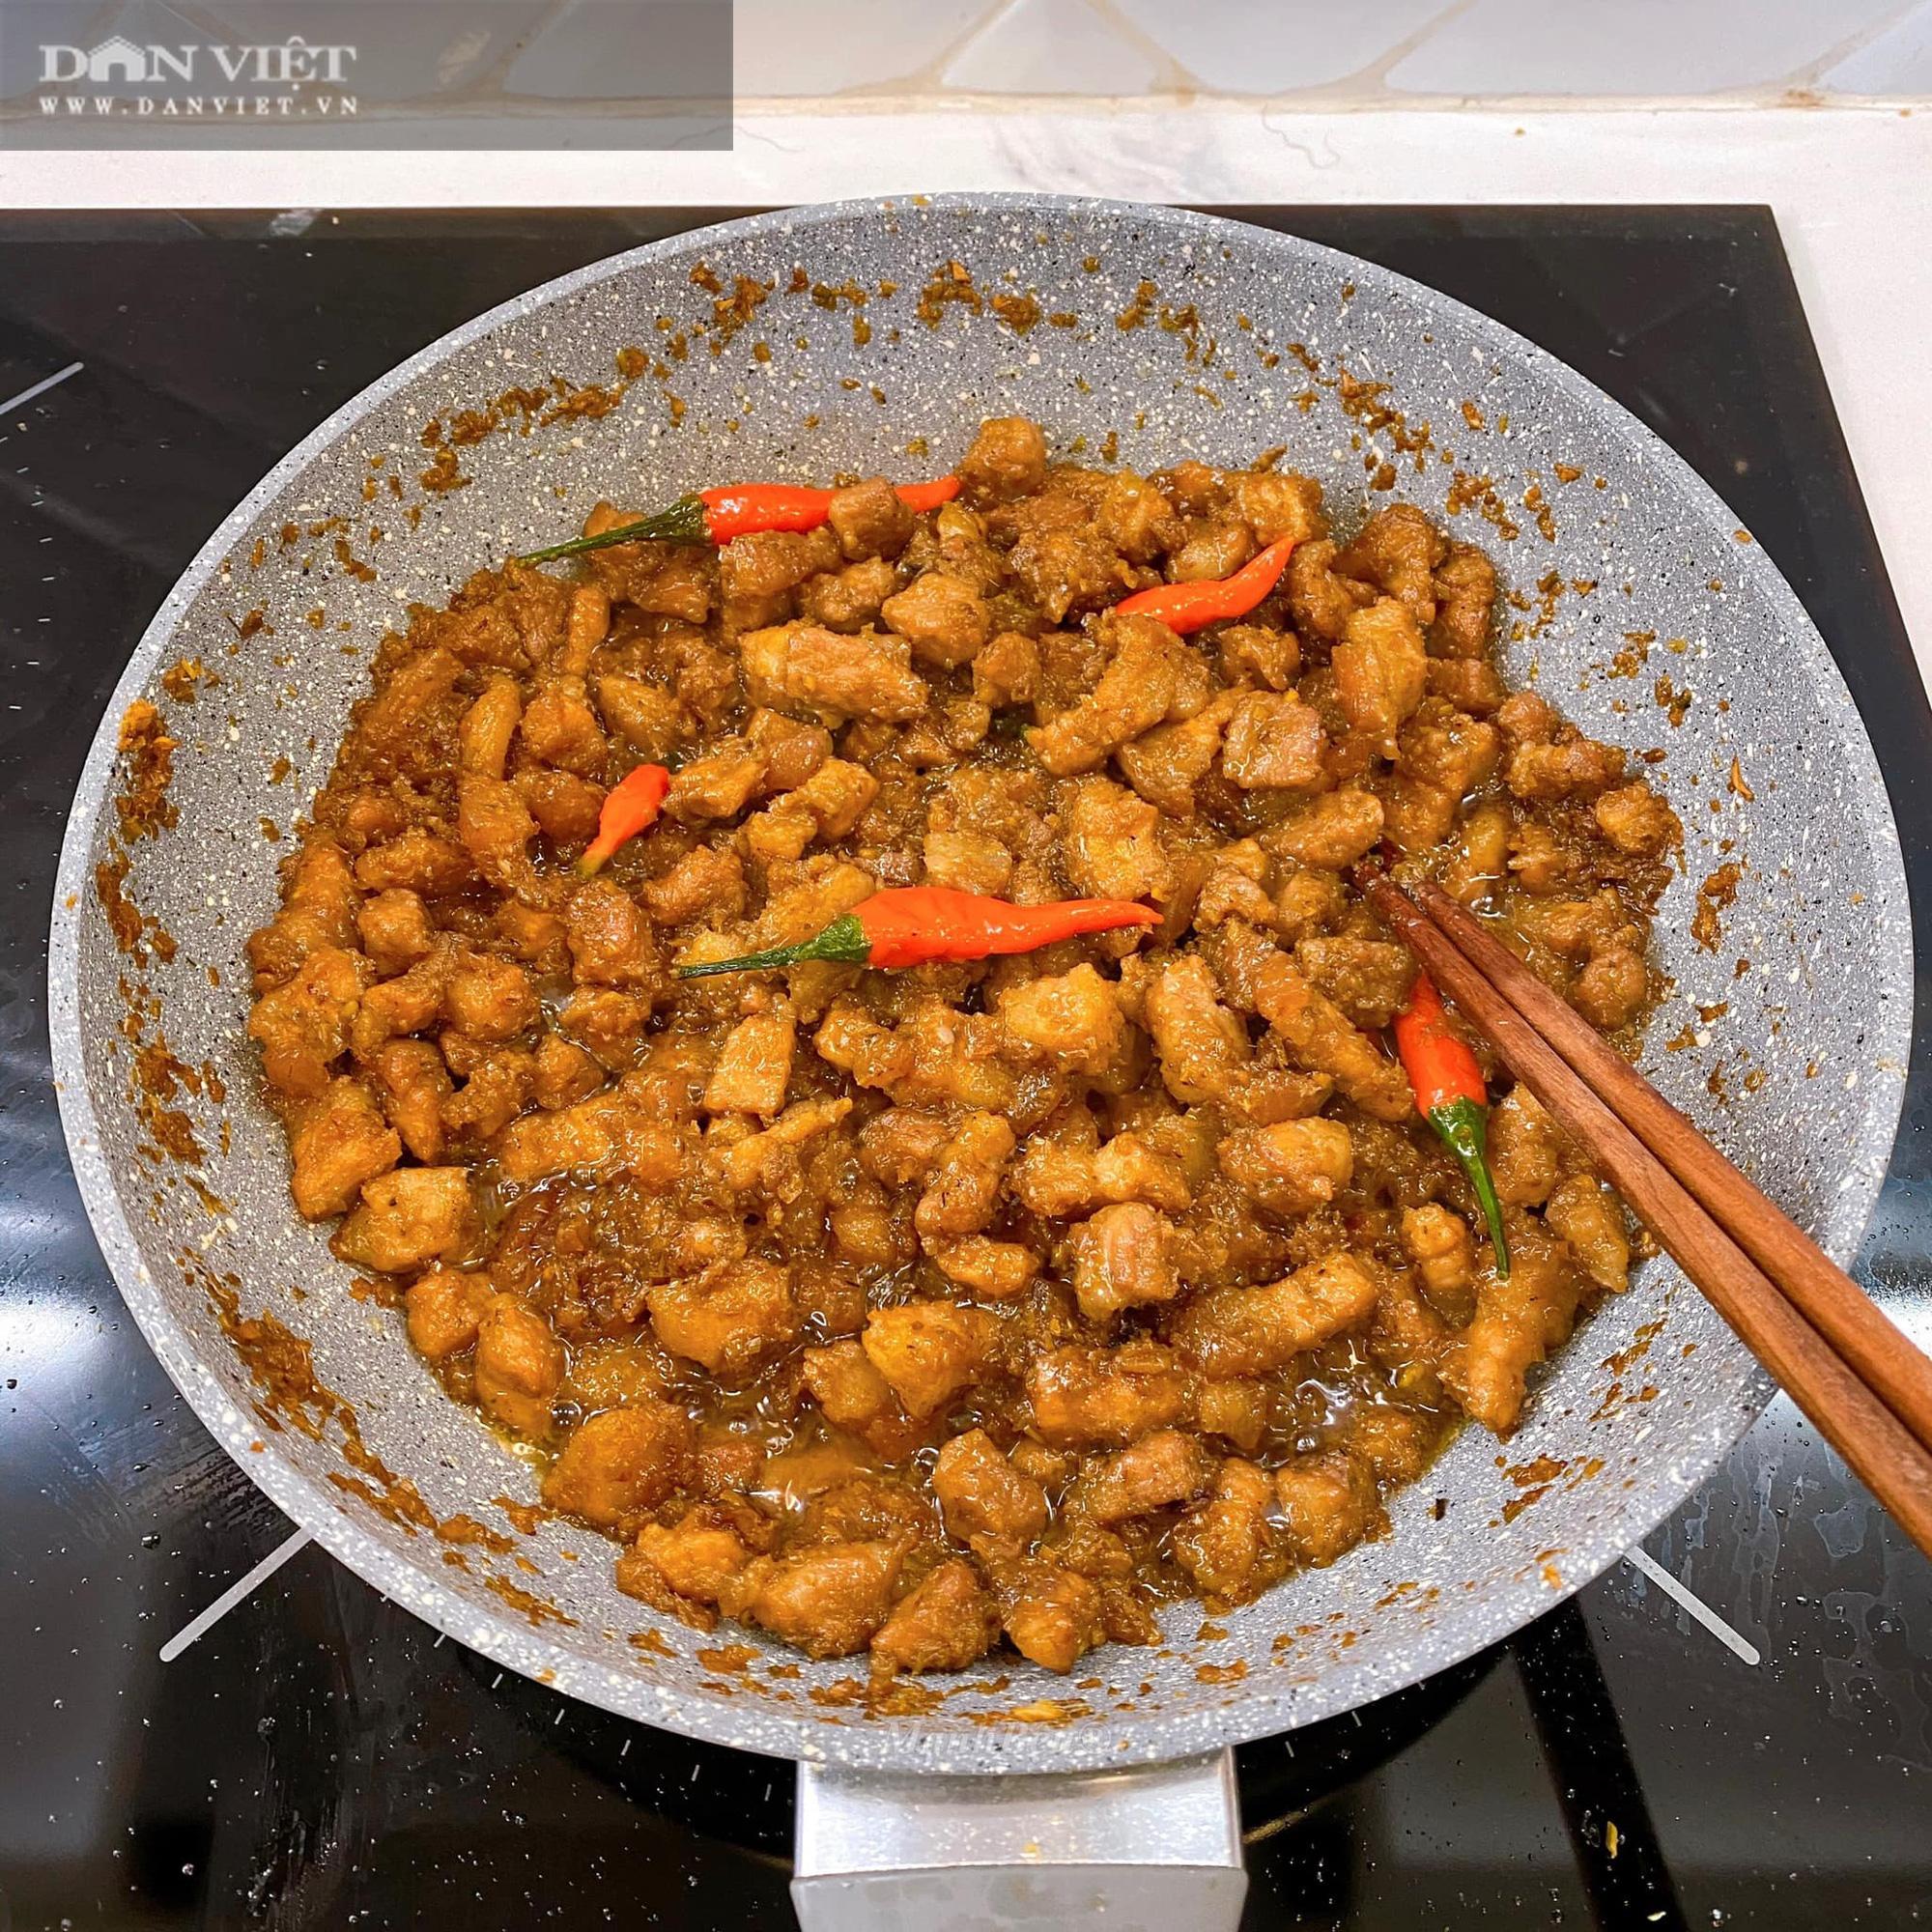 Cách làm món thịt ba rọi ruốc sả hấp dẫn đưa cơm - Ảnh 5.